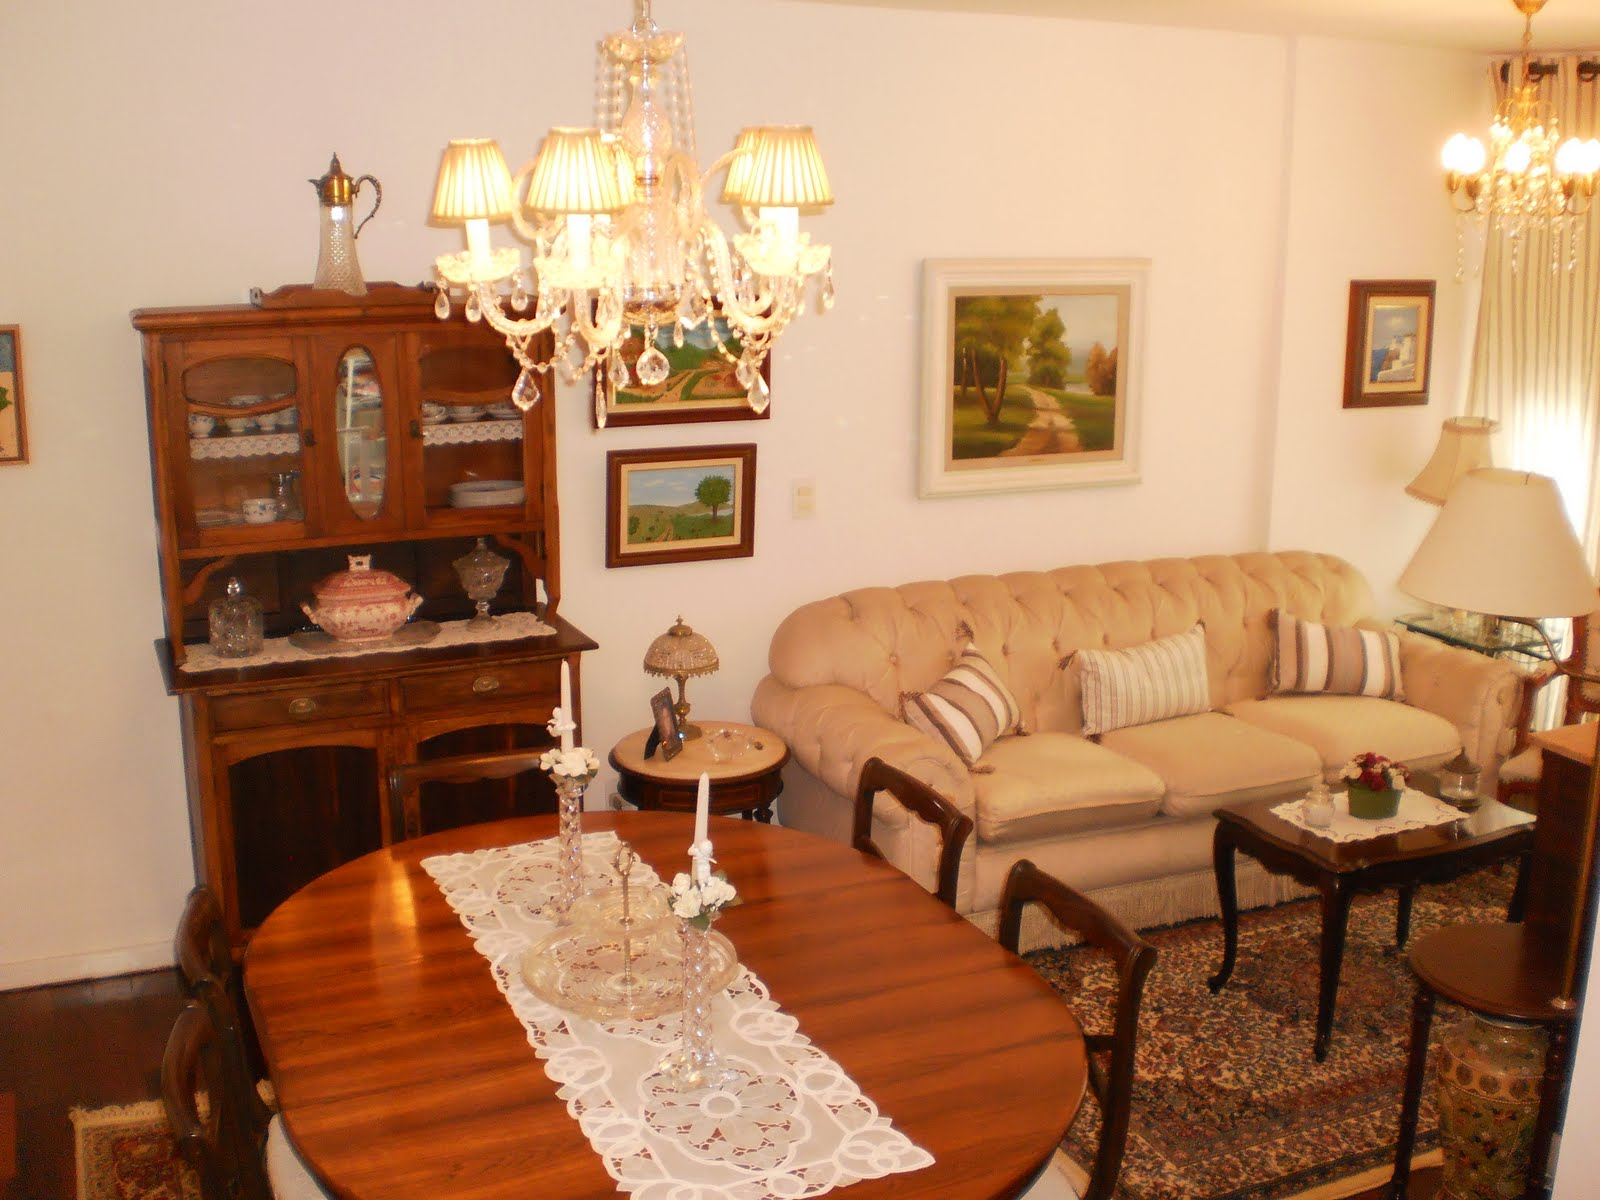 Decorando minha casa: Minha sala de estar e de jantar #C37A08 1600x1200